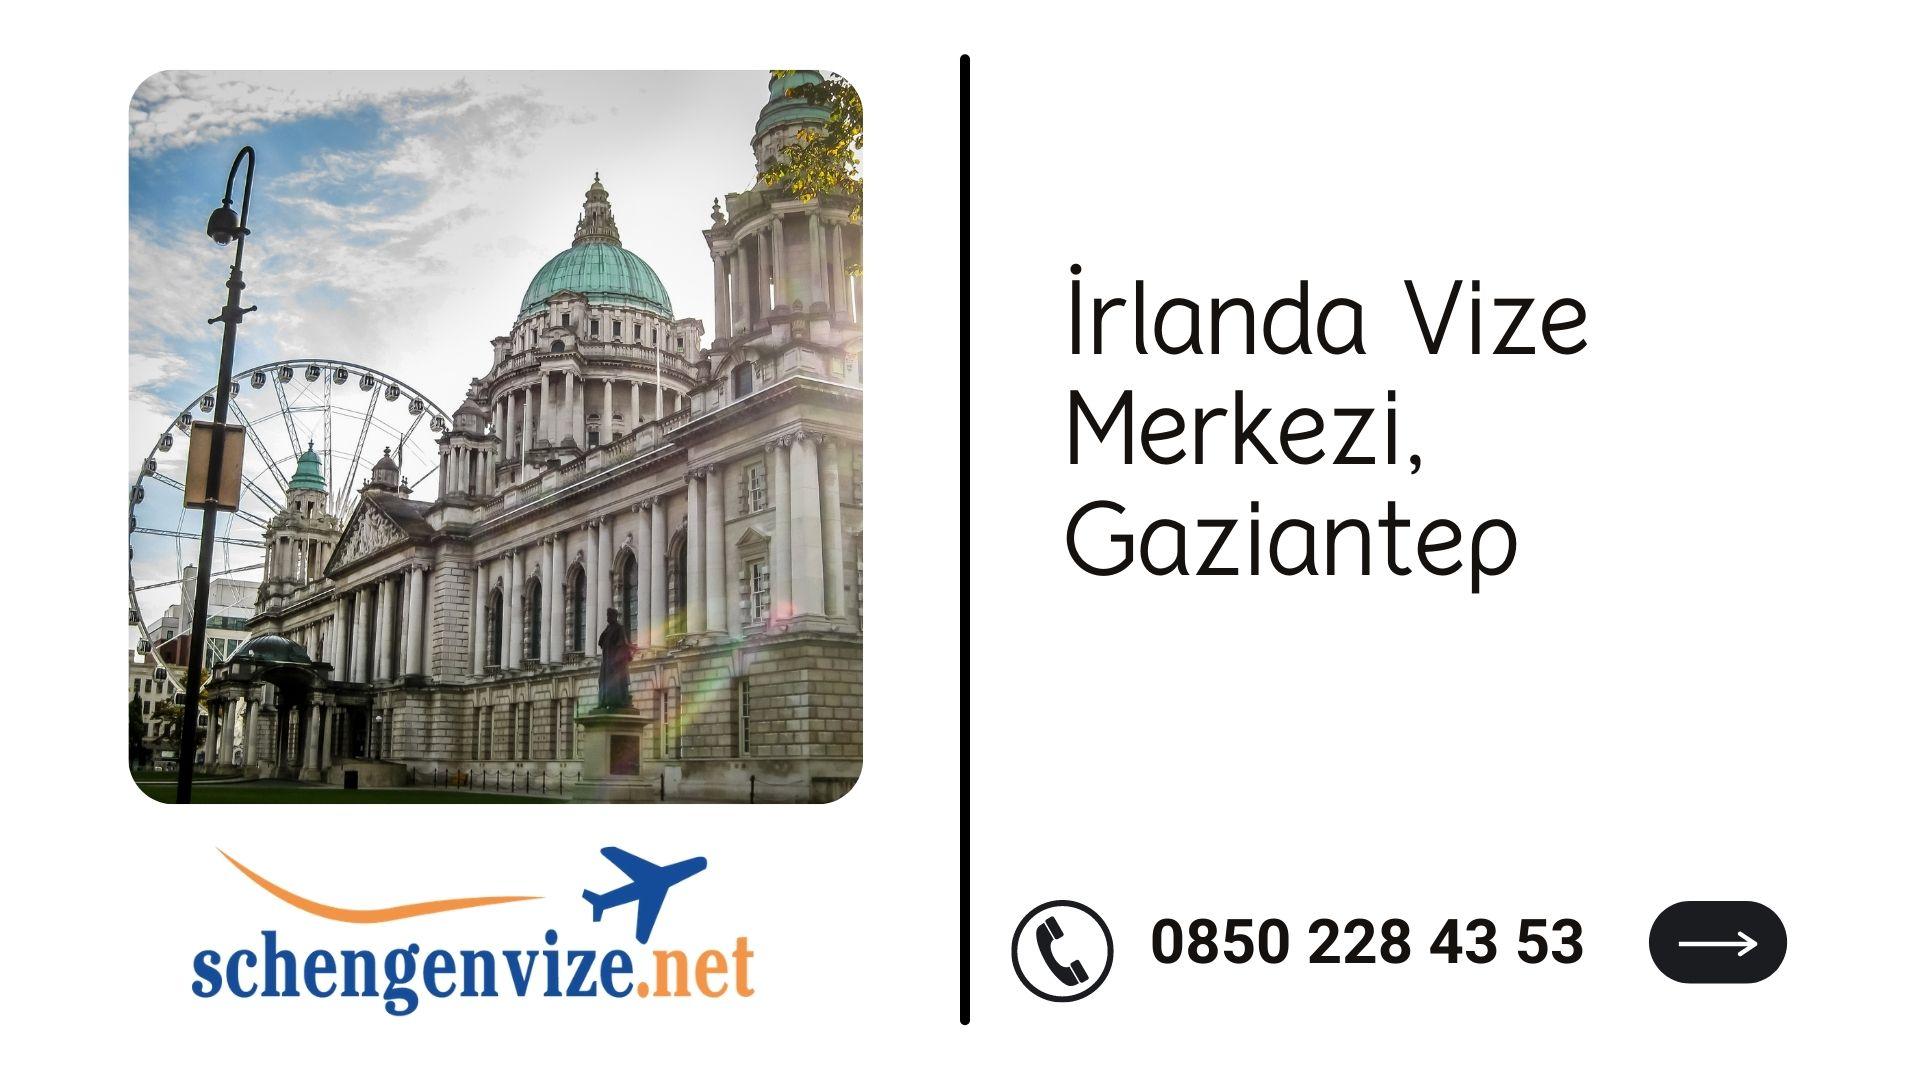 İrlanda Vize Merkezi, Gaziantep